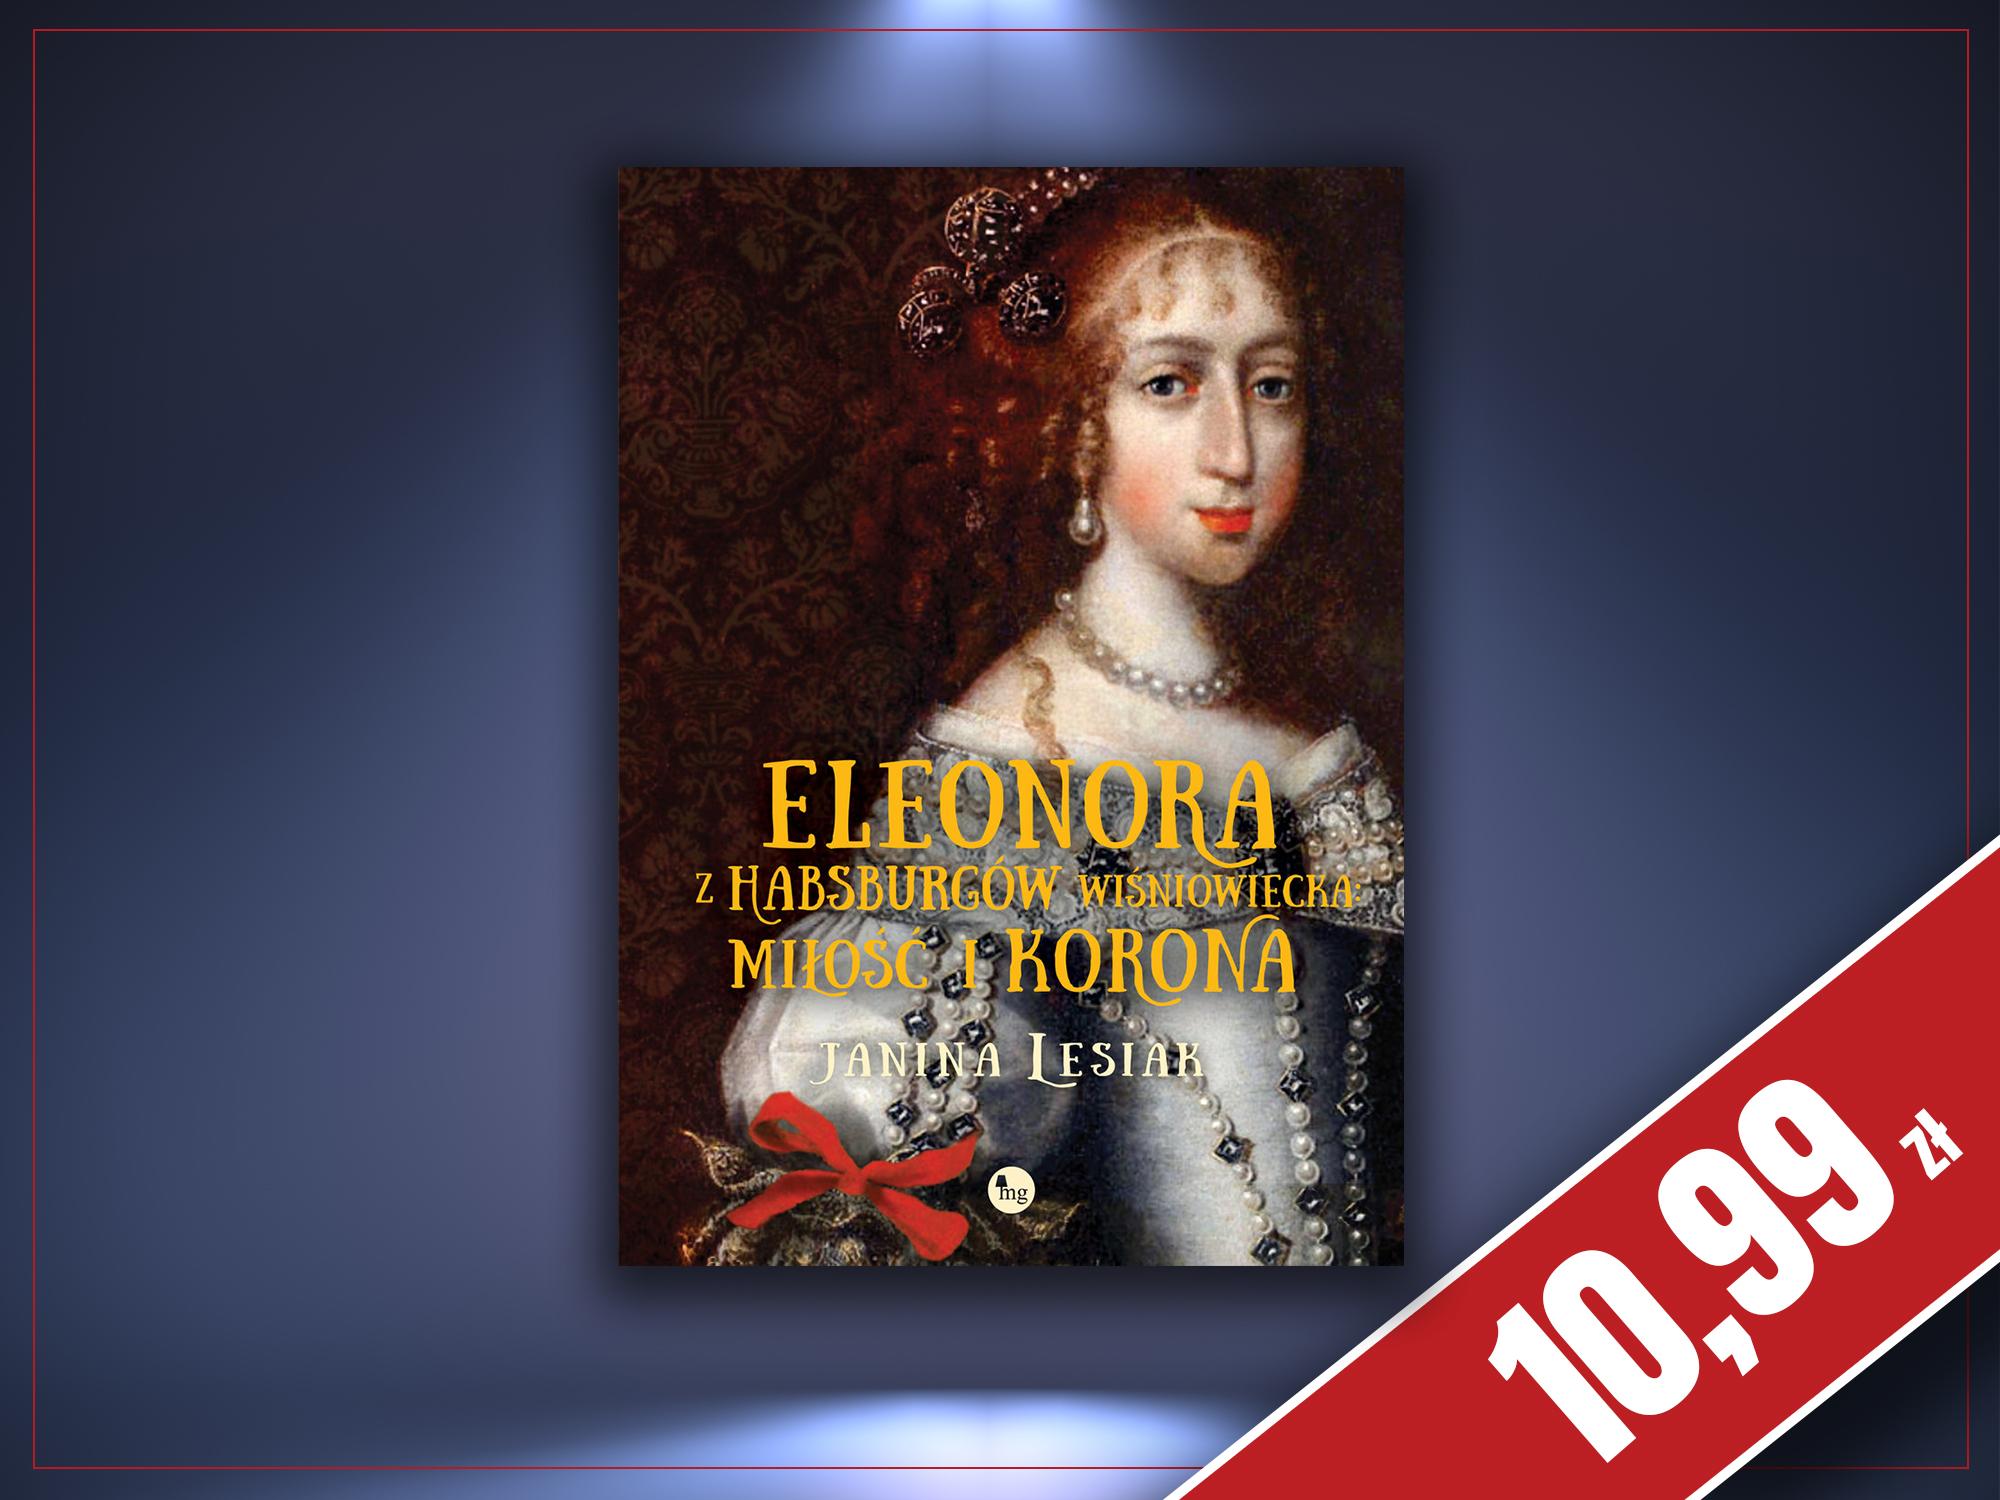 Eleonora z Habsburgów Wiśniowiecka. Miłość i korona, Janina Lesiak